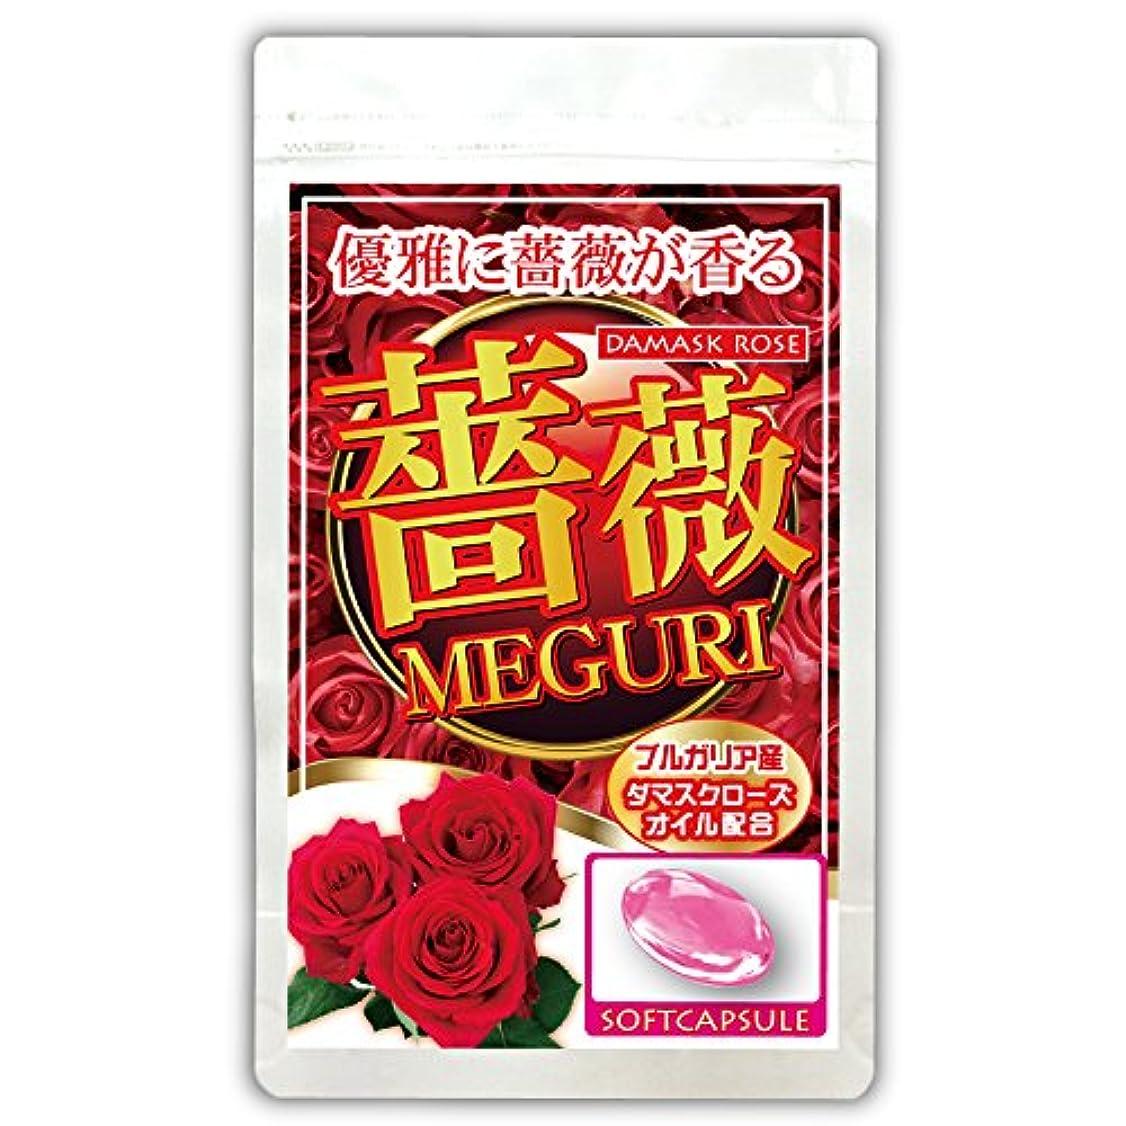 投資する受け皿師匠薔薇MEGURI(約1~2ヵ月分/62粒)